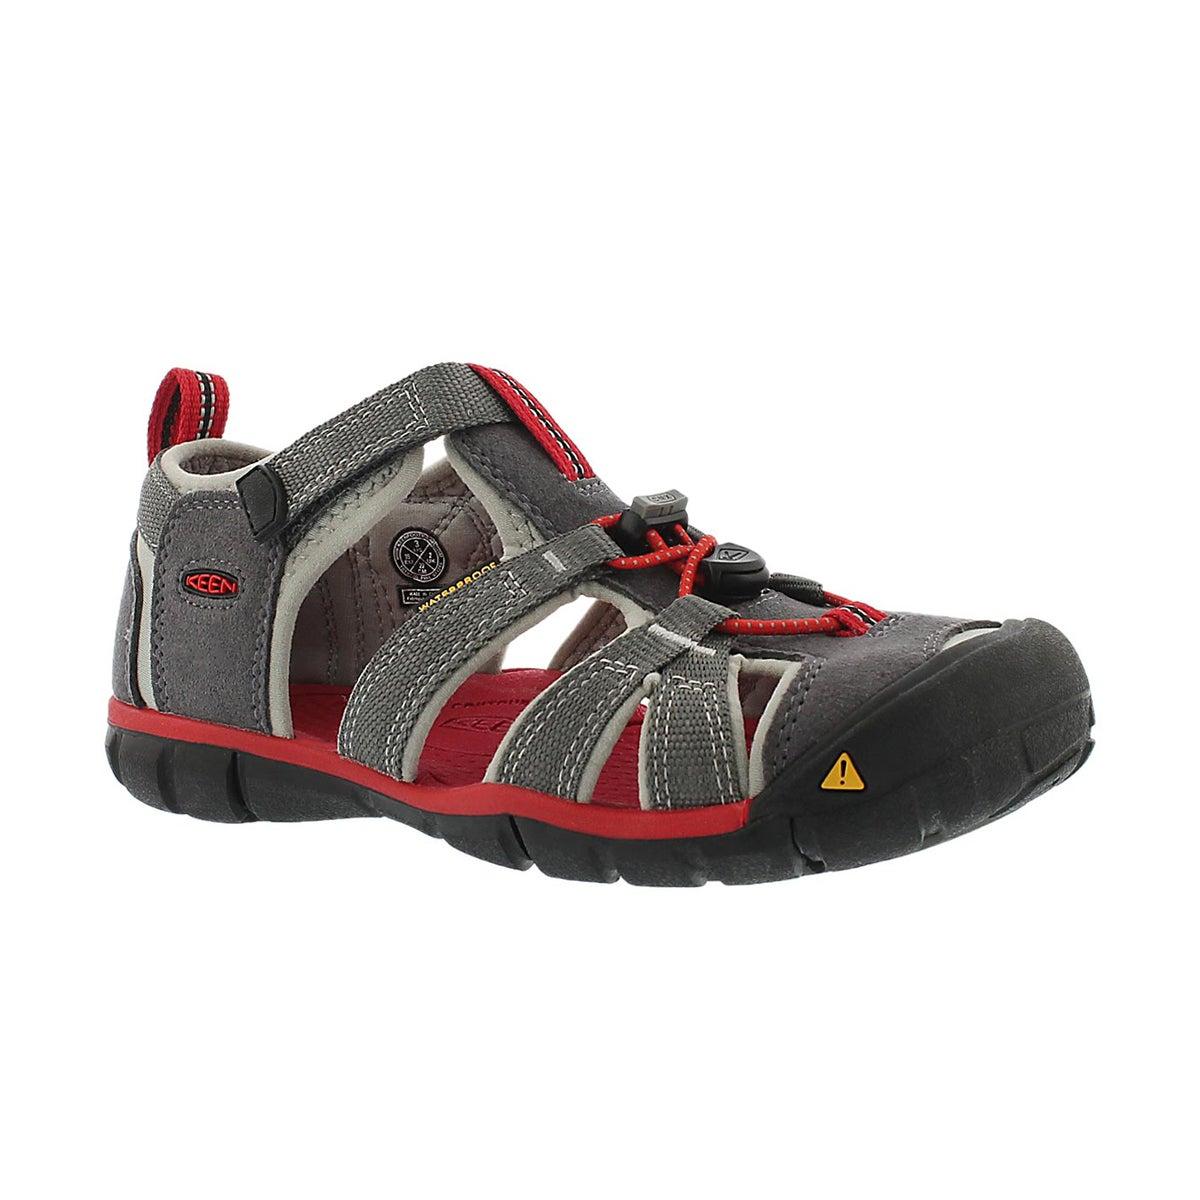 Sandale sport SEACAMP II, gris/rge, garç